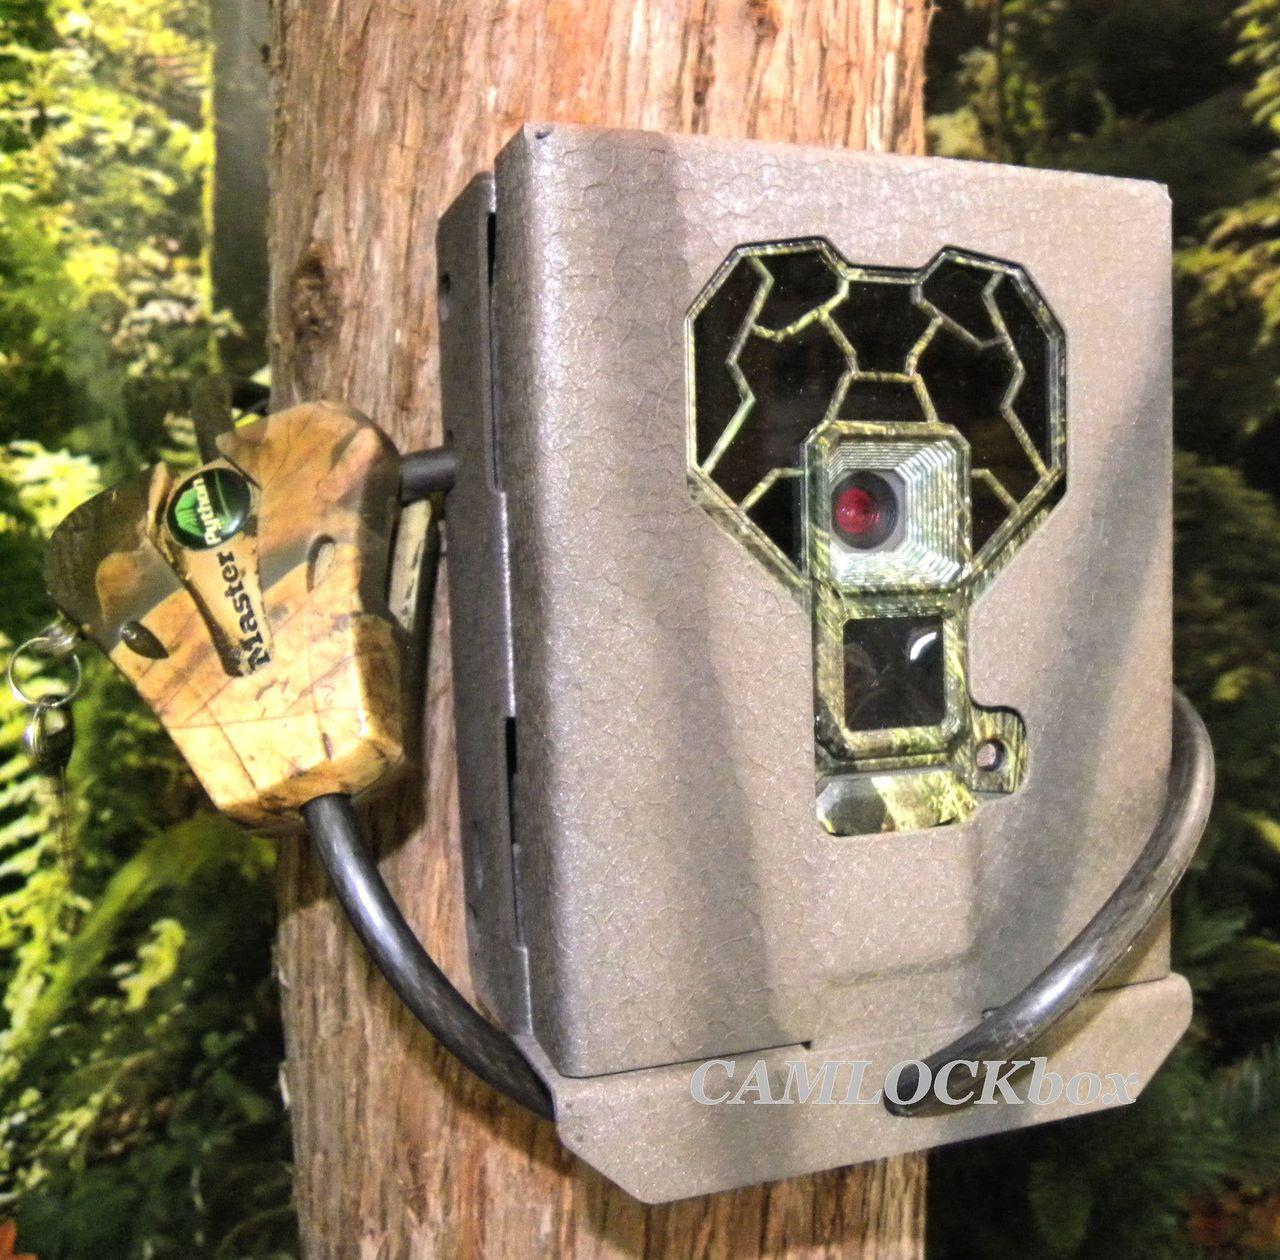 Camlock Sécurité Boîte pour Stealth Cam 4K CASE seulement